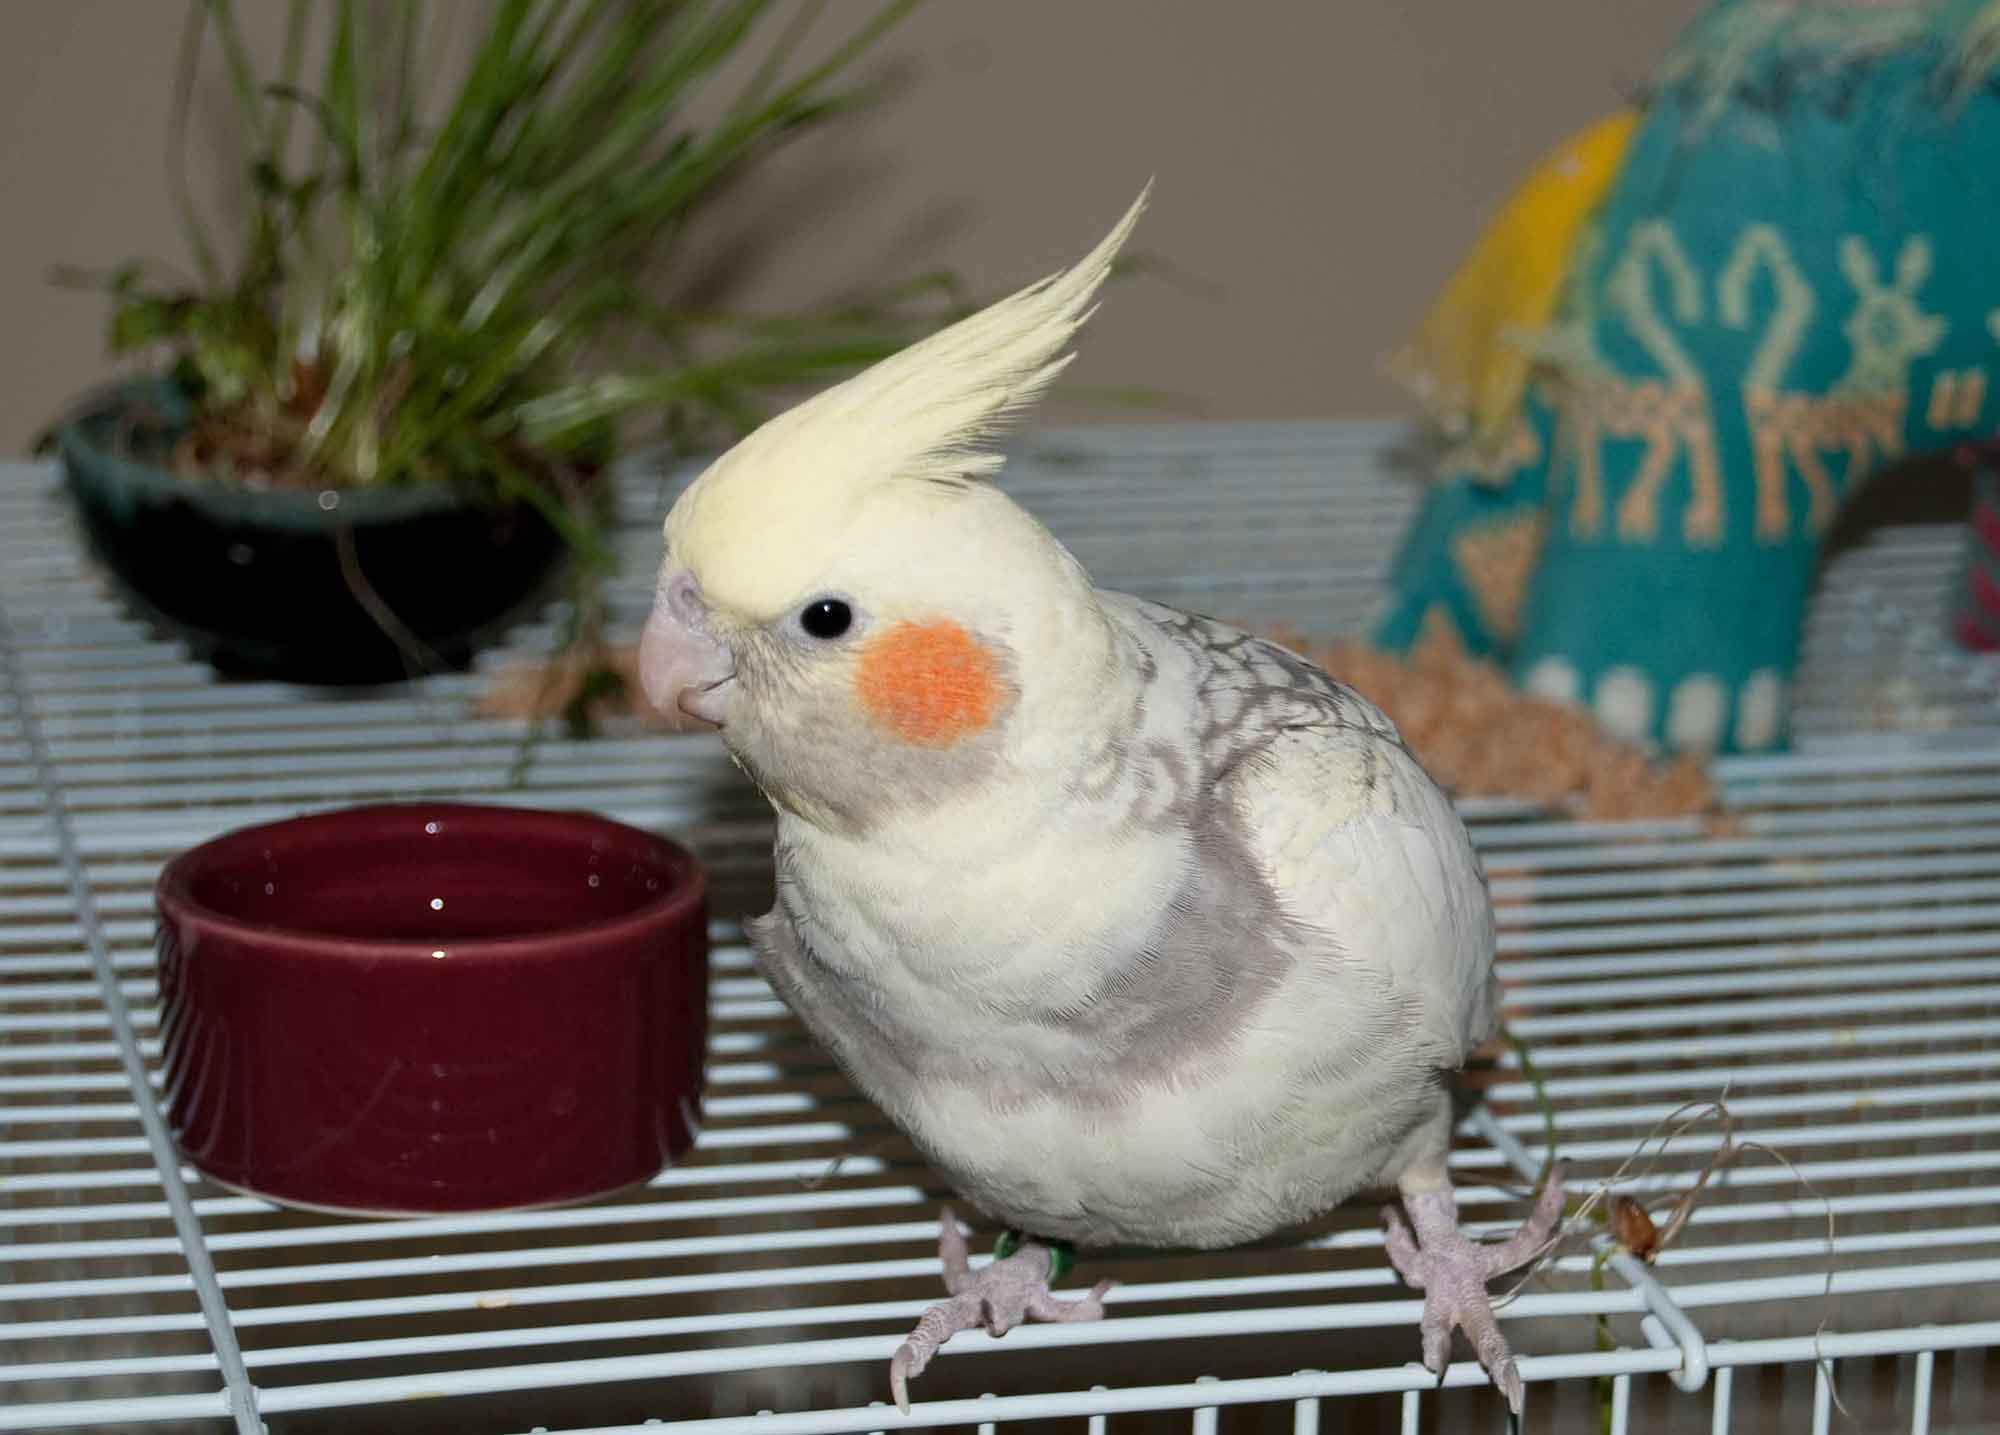 آشنا کردن پرنده خانگی به اسمش